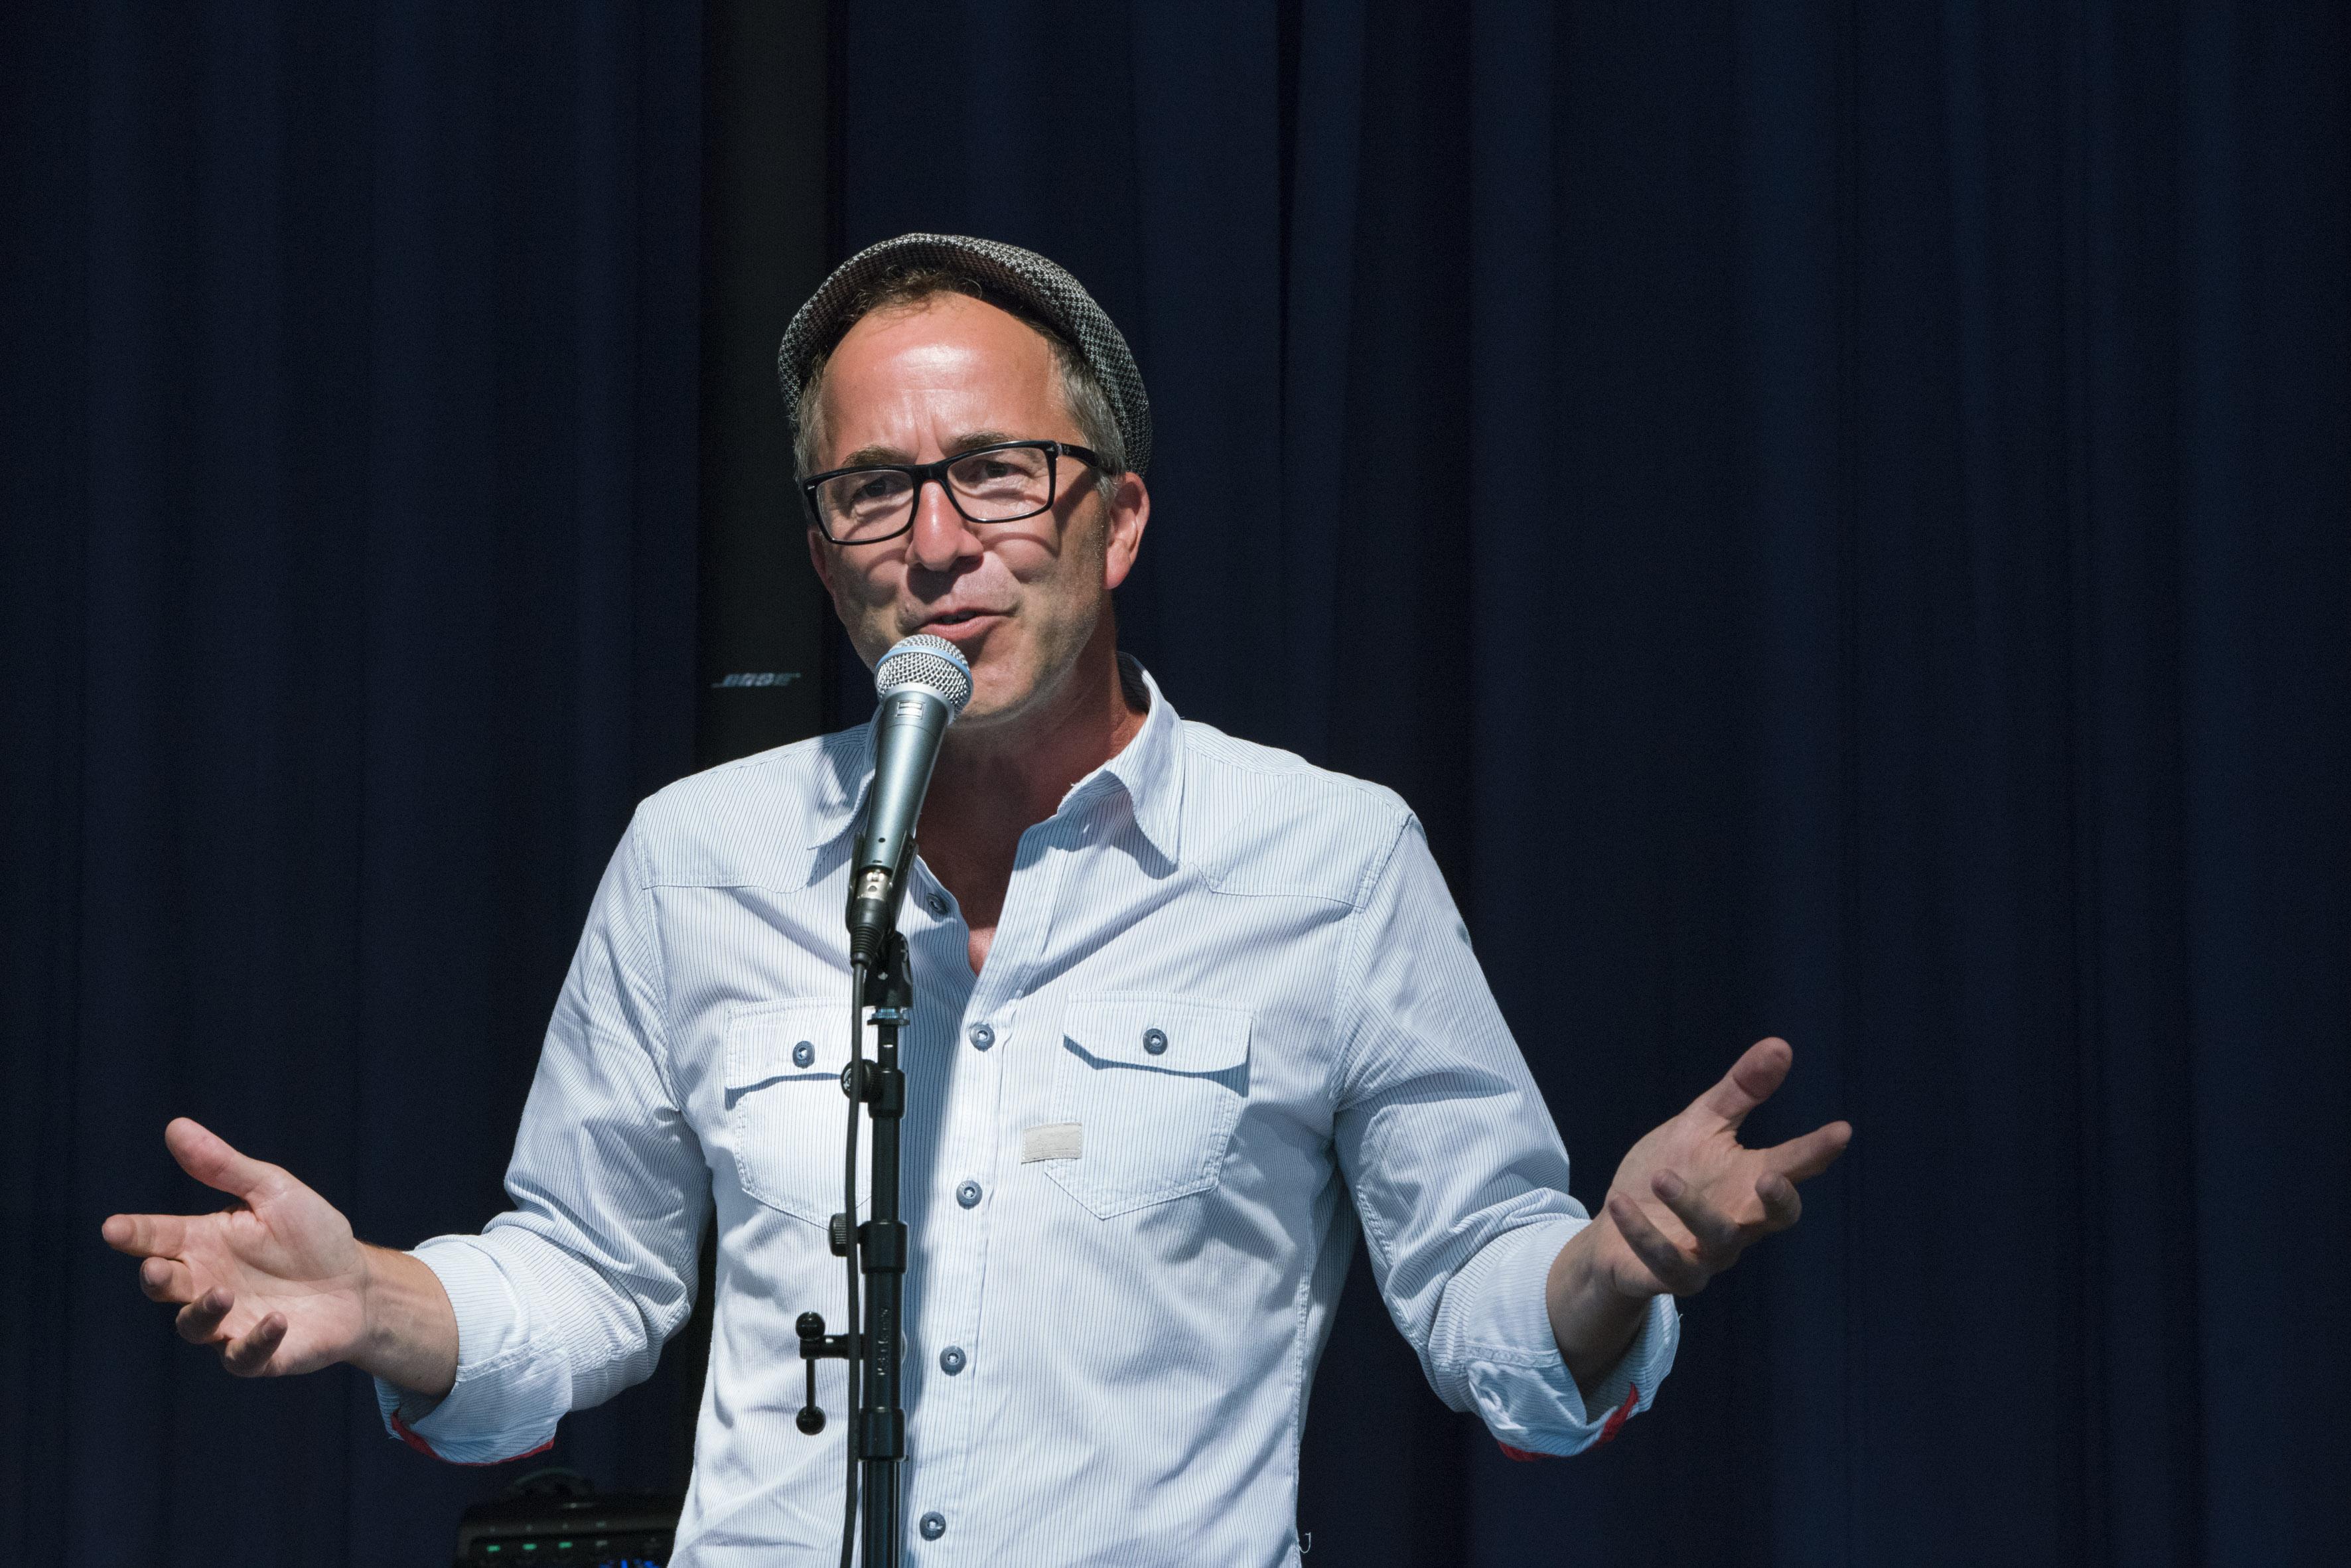 Jürgen Hörig